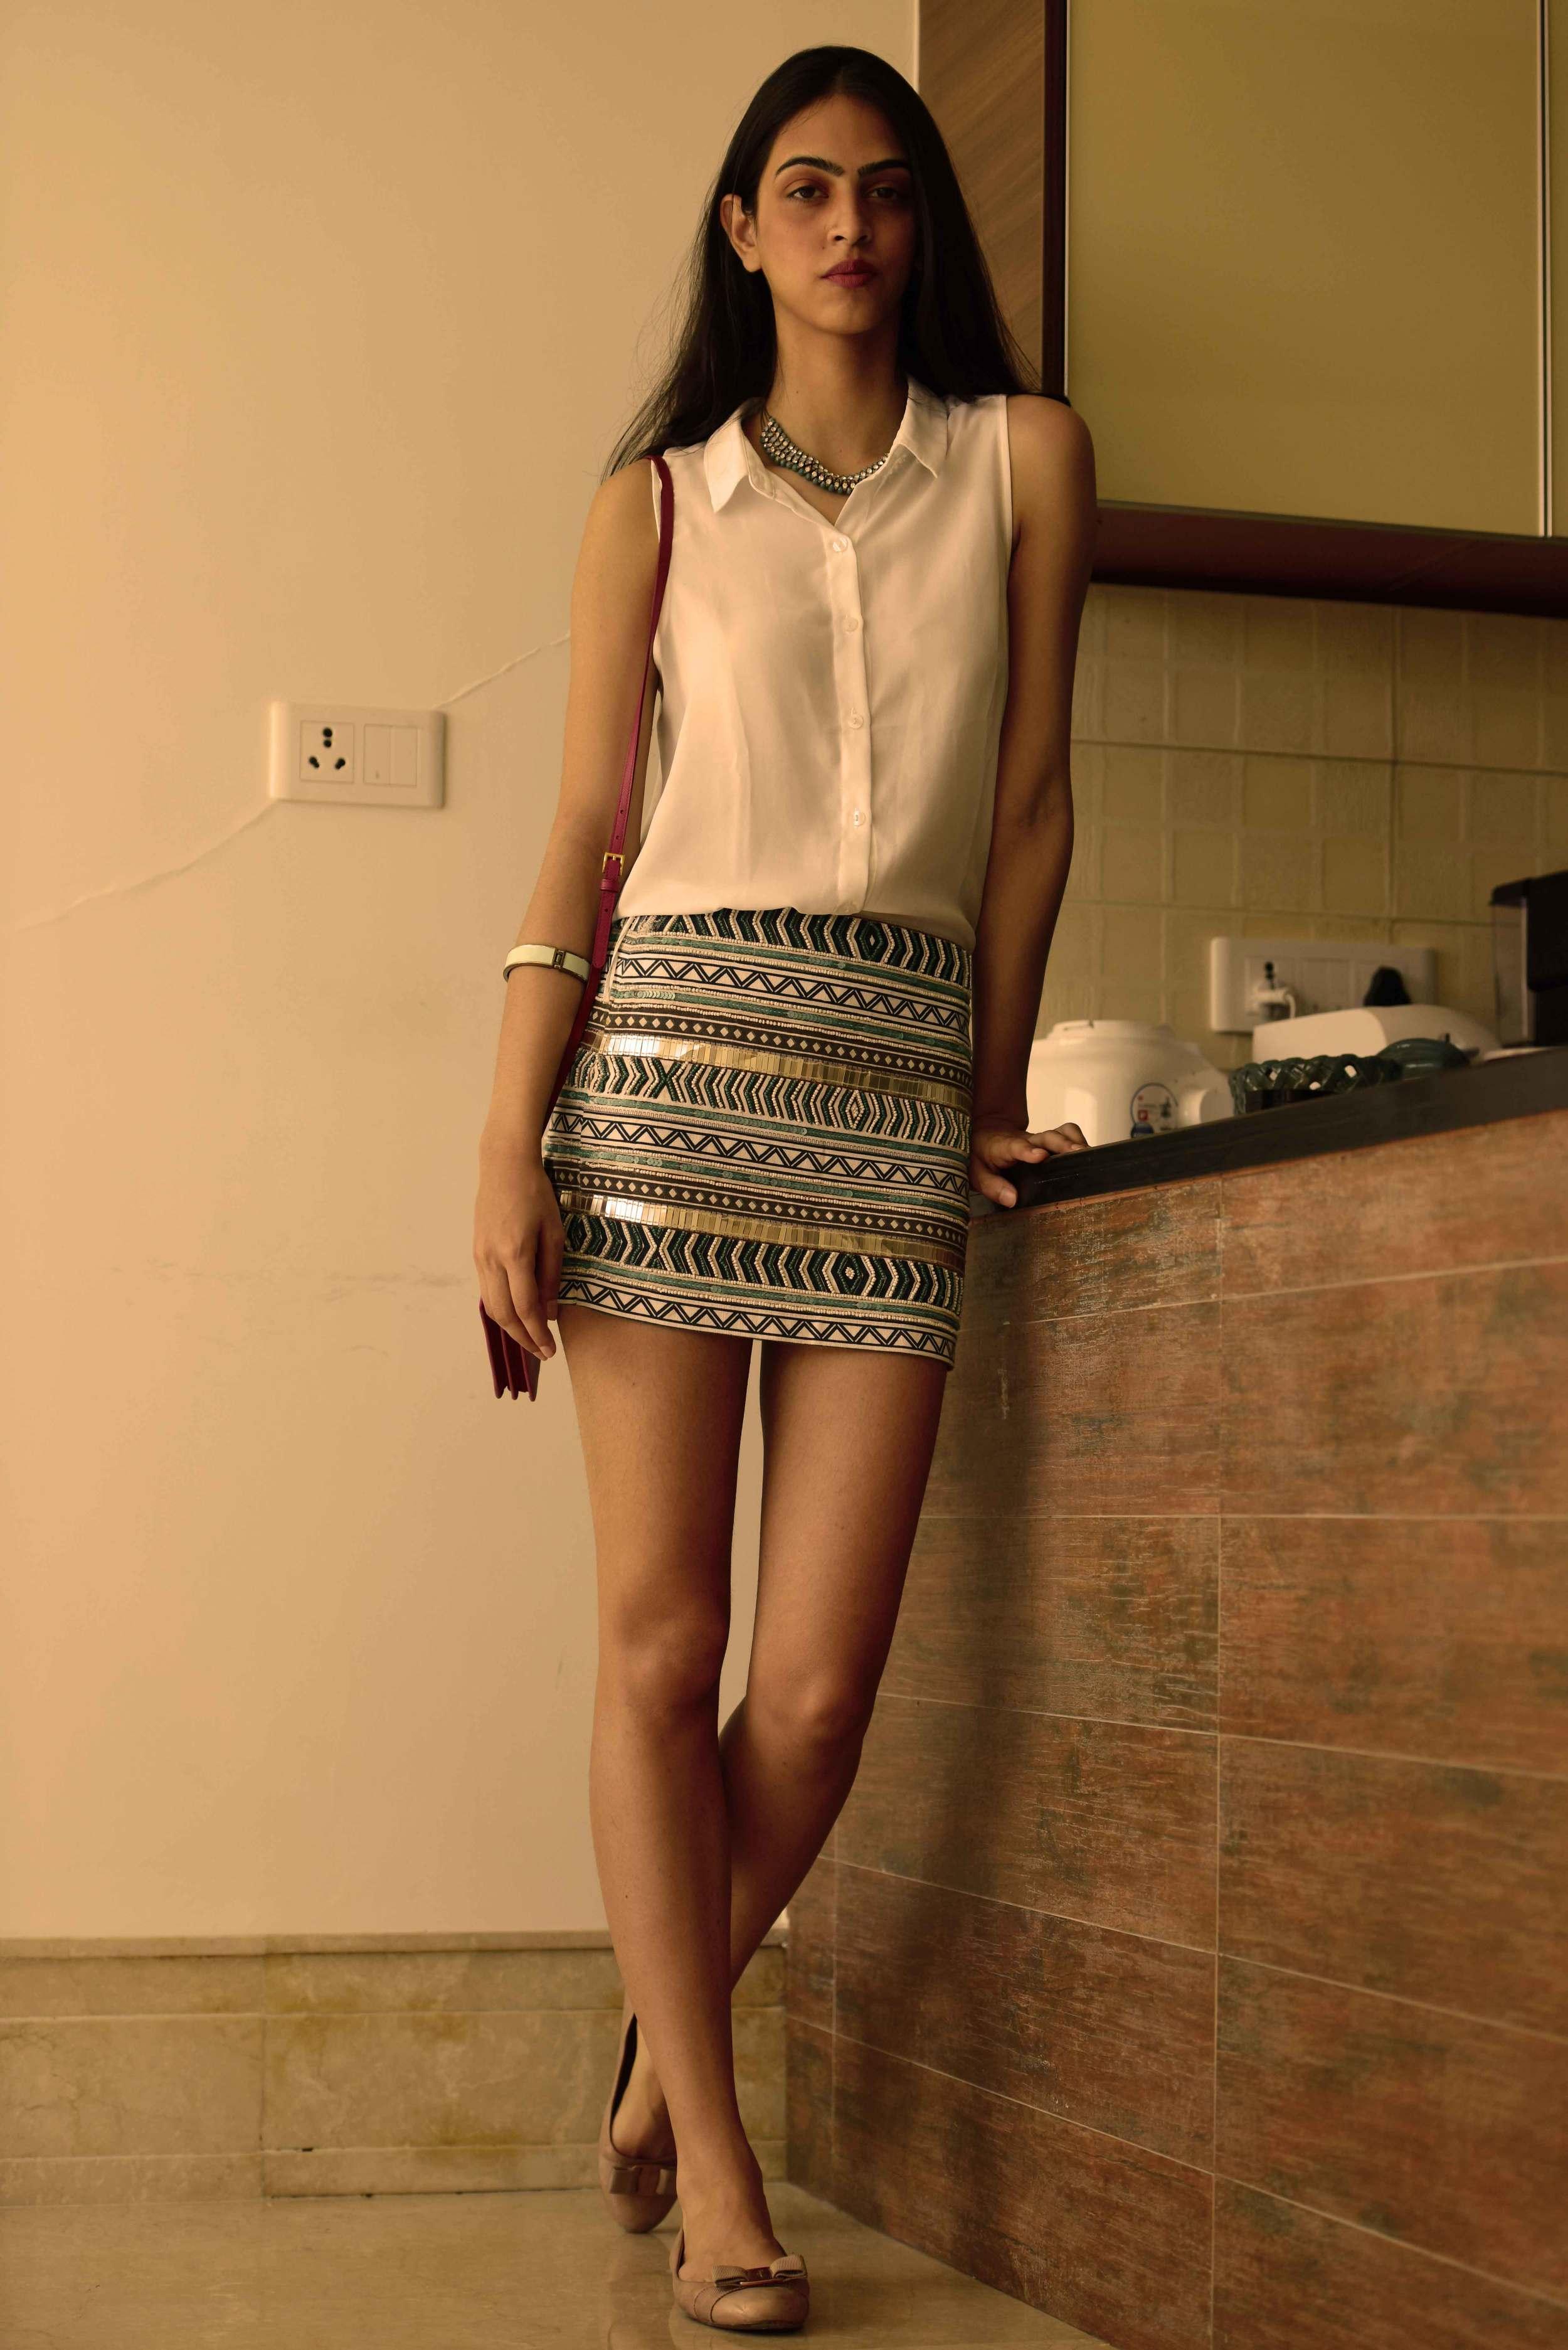 Zara mini-skirt, Prada bag and Ferragamo ballet flats. Image©gunjanvirk, Model: Mannat Dhaliwal